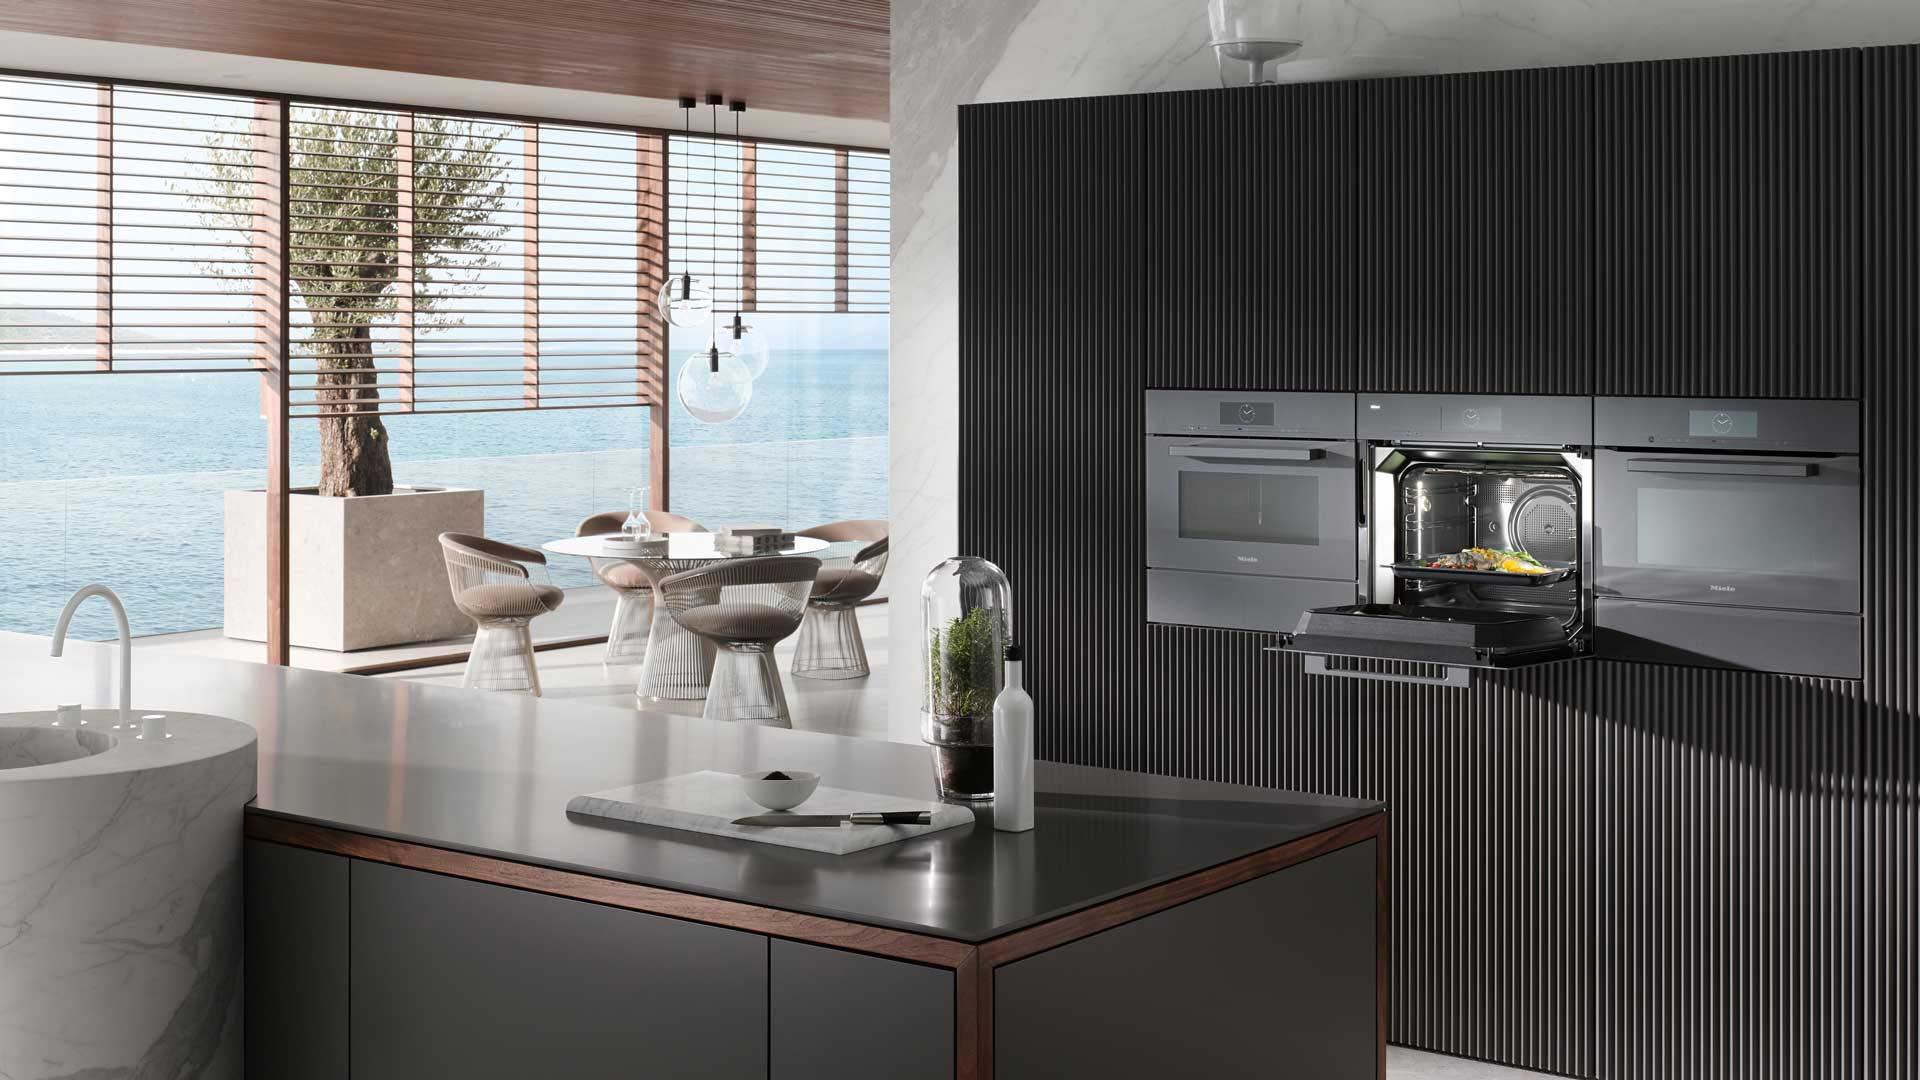 Miele Hausgeräte mit Top-Funktionen in der Küchenwelt Miele Center Ebner & Spuller in Graz